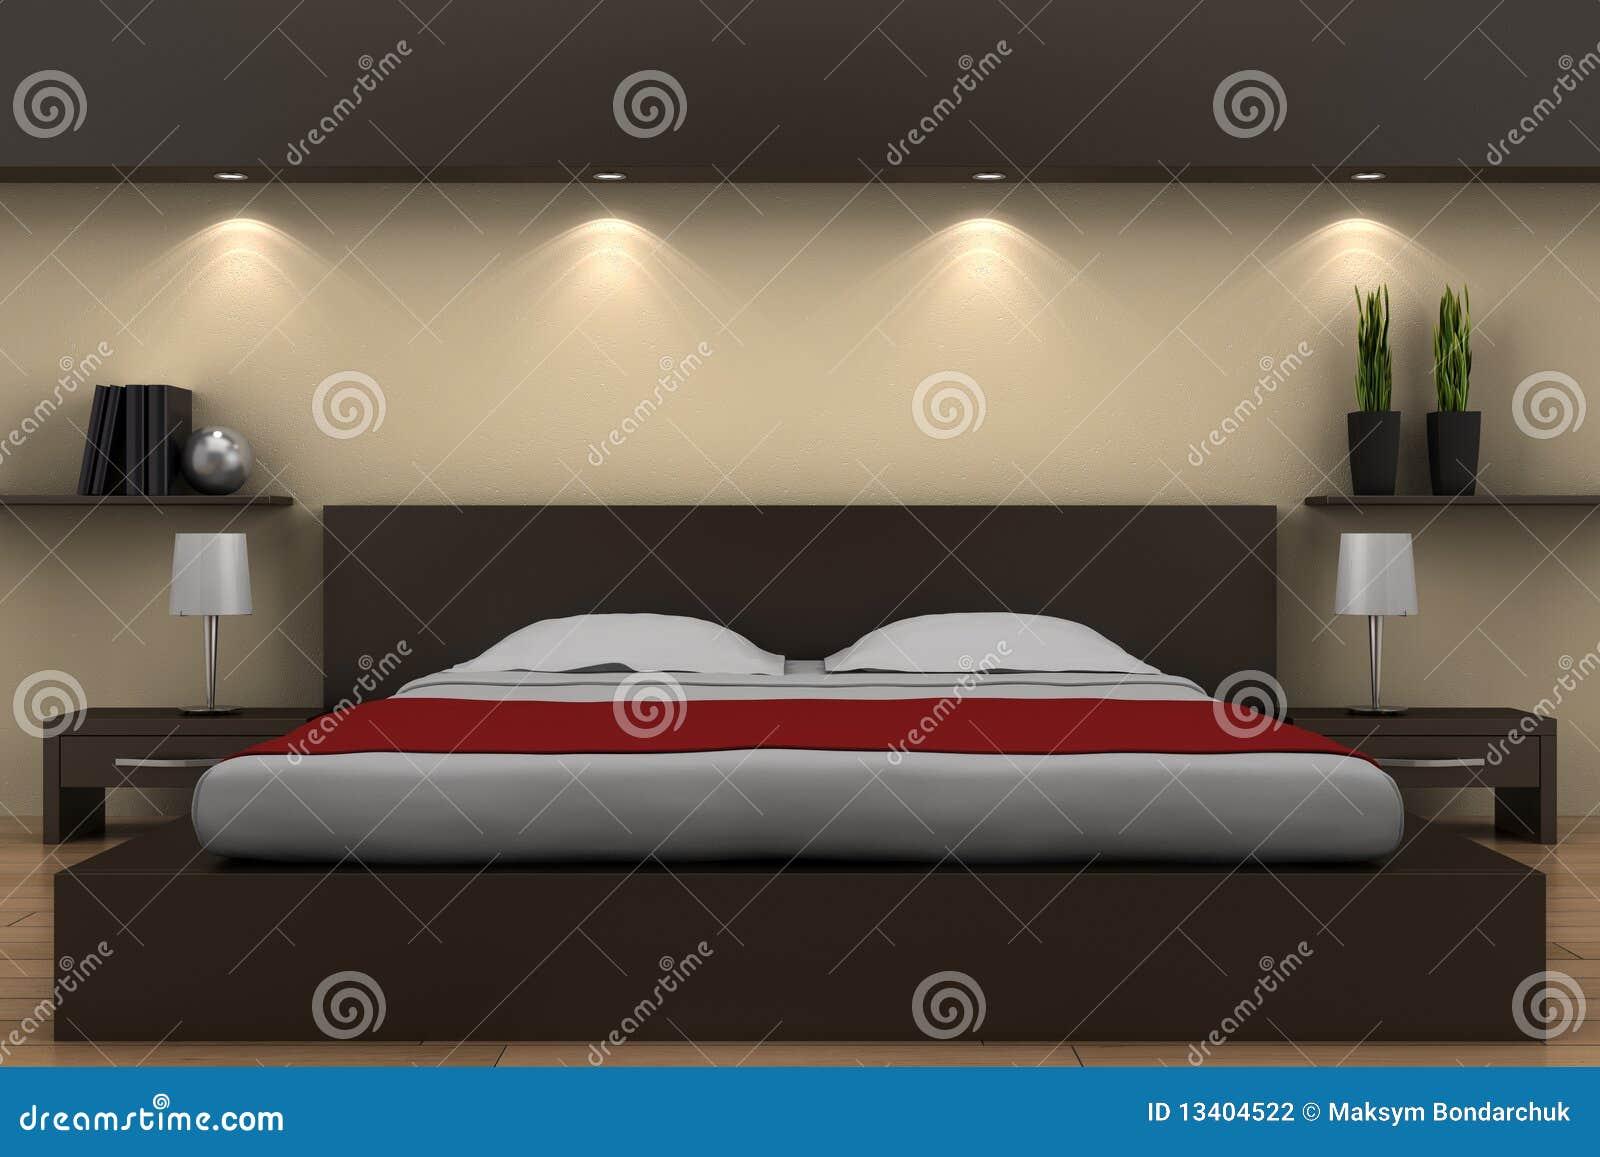 funvit.com | fliesen küche modern - Schlafzimmer Braun Beige Modern